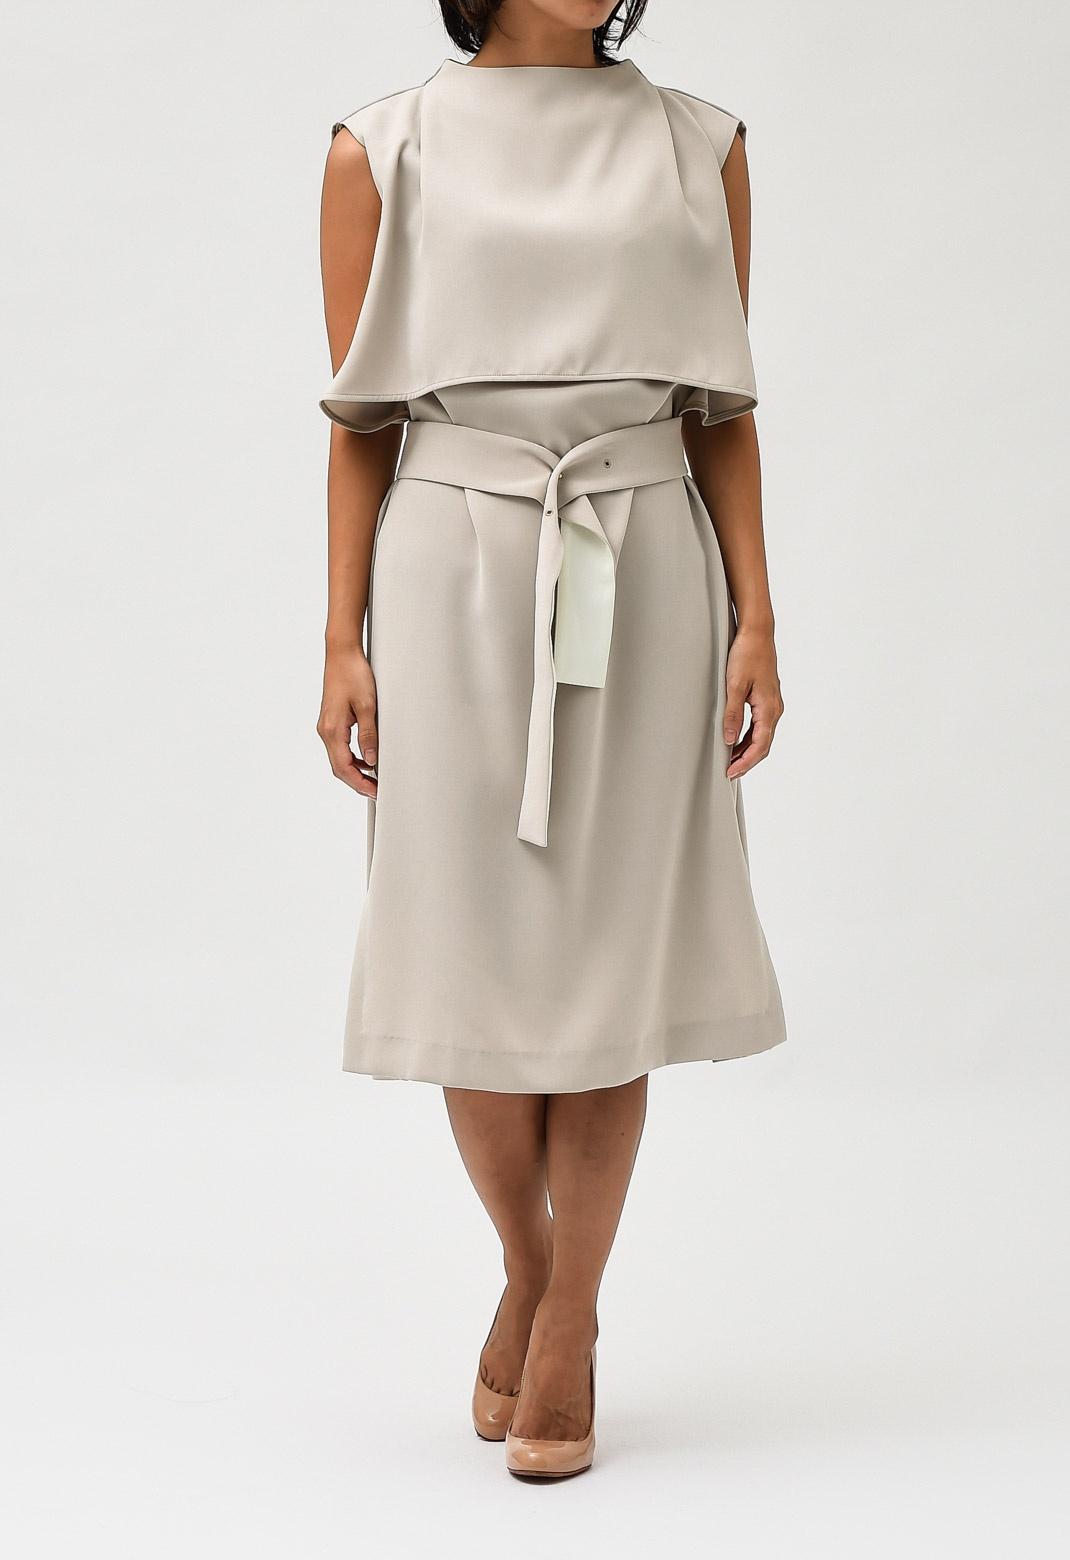 ベルト付き スタンドカラー レイヤード ドレス